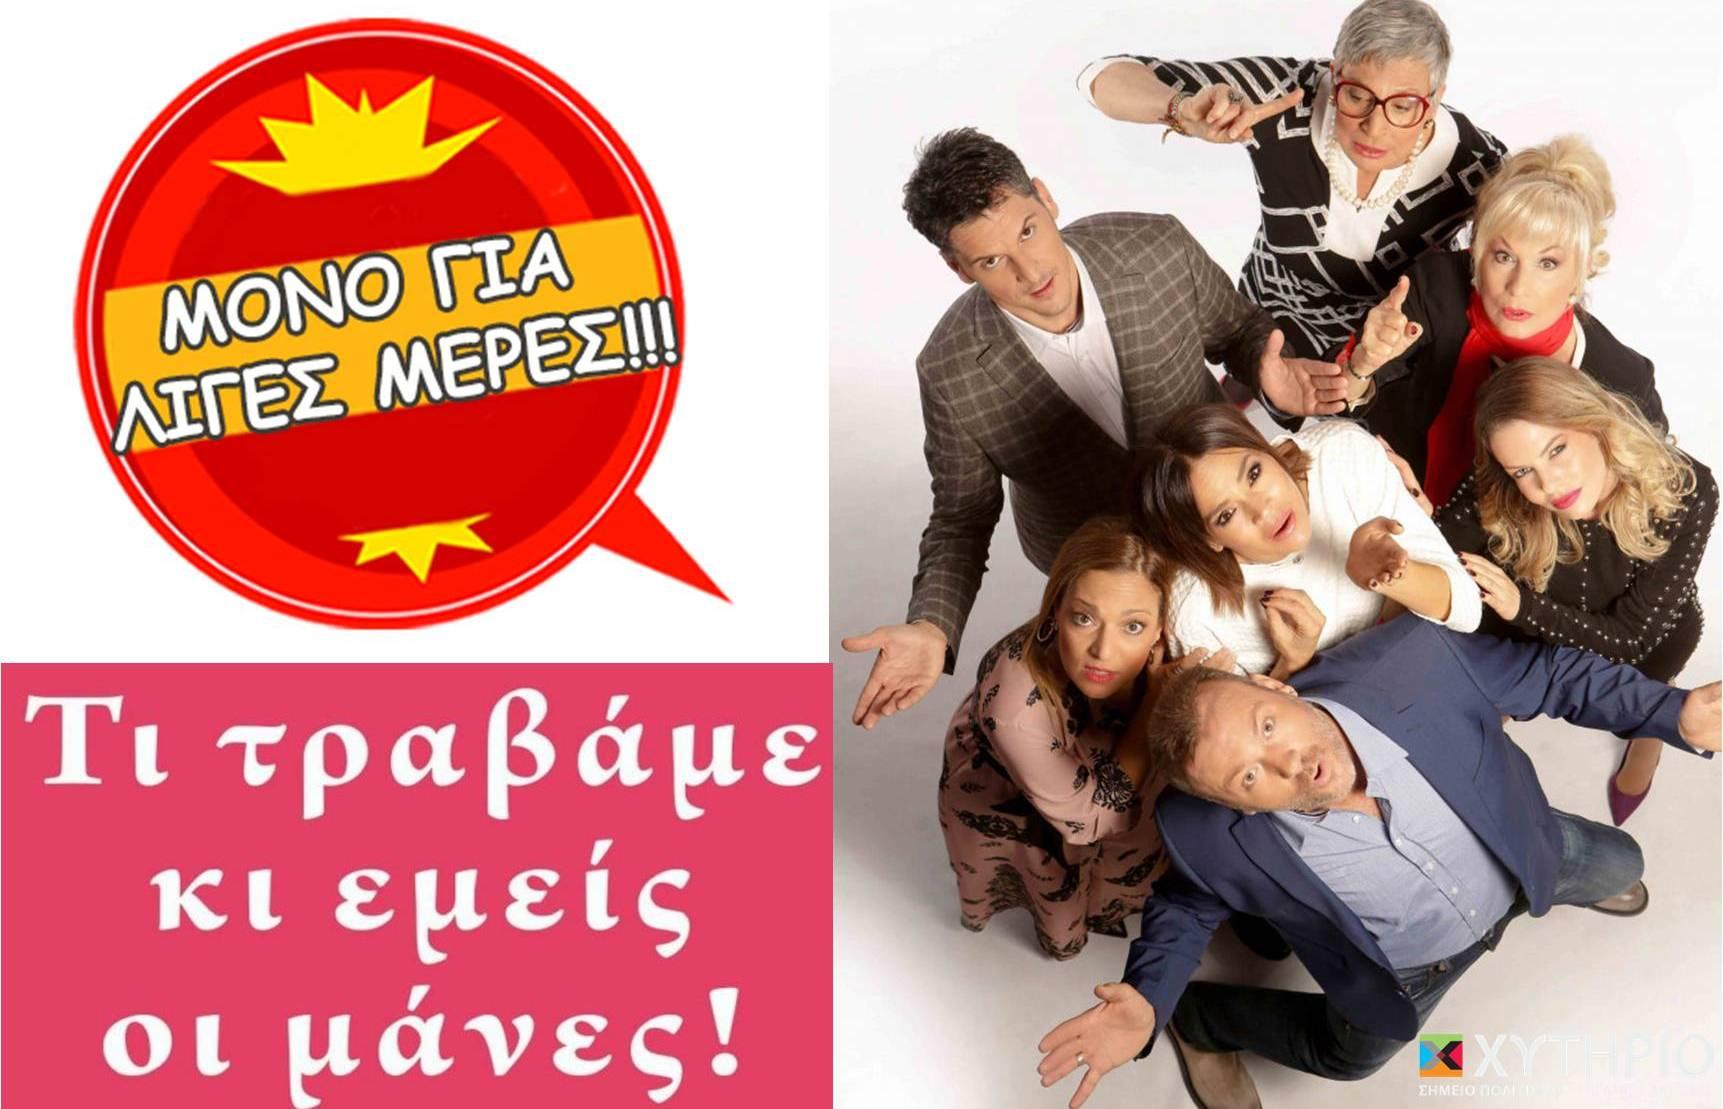 ΜΟΝΟ ΓΙΑ ΛΙΓΕΣ ΜΕΡΕΣ! 6€ από 20€ στην πολυαναμενόμενη κωμωδία ''Τι Τραβάμε Κι Εμείς Οι Μάνες'', βασισμένη στο σπαρταριστό best-seller της Κ.Μανανεδάκη που καταρρίπτει τον μύθο της ιδανικής μητέρας, συζύγου & εργαζόμενης, στο θέατρο Χυτήριο